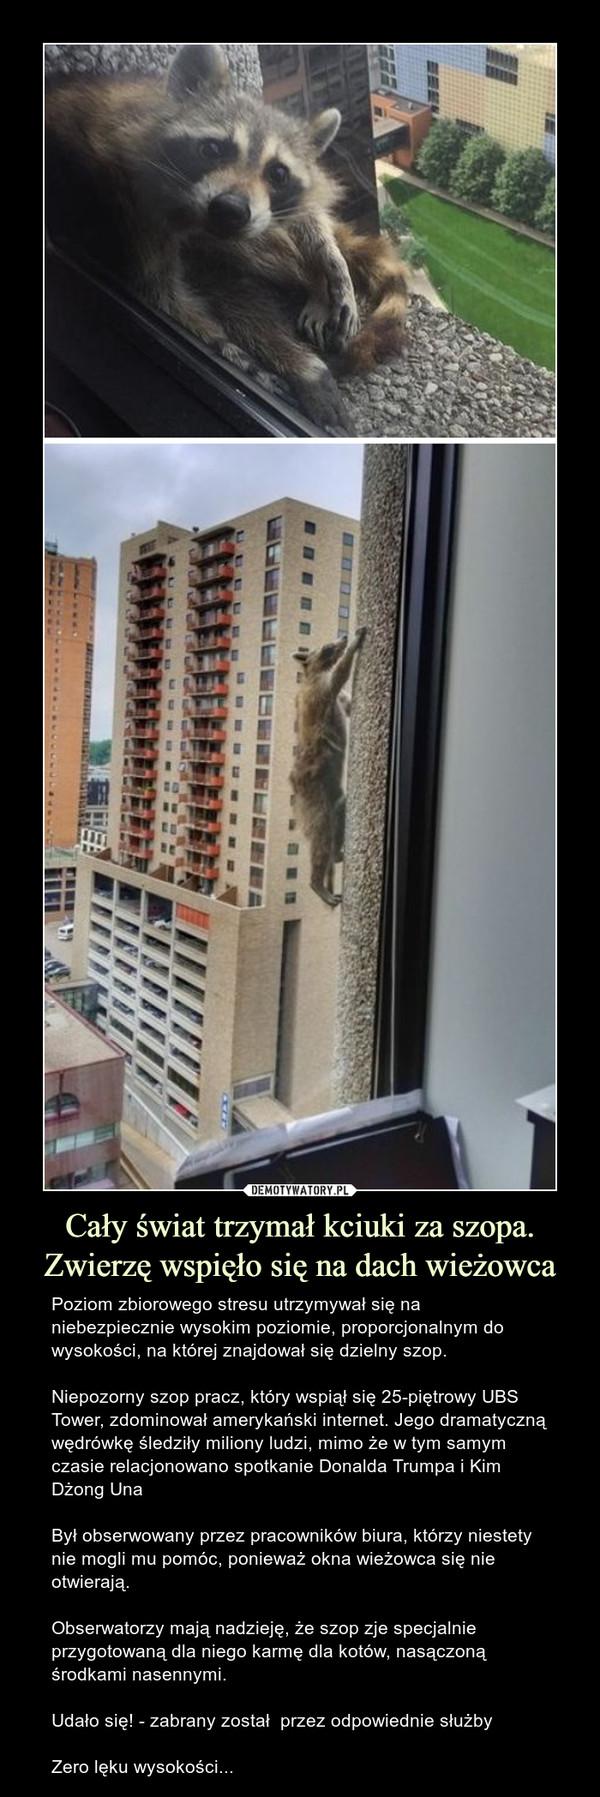 Cały świat trzymał kciuki za szopa. Zwierzę wspięło się na dach wieżowca – Poziom zbiorowego stresu utrzymywał się na niebezpiecznie wysokim poziomie, proporcjonalnym do wysokości, na której znajdował się dzielny szop.Niepozorny szop pracz, który wspiął się 25-piętrowy UBS Tower, zdominował amerykański internet. Jego dramatyczną wędrówkę śledziły miliony ludzi, mimo że w tym samym czasie relacjonowano spotkanie Donalda Trumpa i Kim Dżong UnaBył obserwowany przez pracowników biura, którzy niestety nie mogli mu pomóc, ponieważ okna wieżowca się nie otwierają.Obserwatorzy mają nadzieję, że szop zje specjalnie przygotowaną dla niego karmę dla kotów, nasączoną środkami nasennymi.Udało się! - zabrany został  przez odpowiednie służbyZero lęku wysokości...